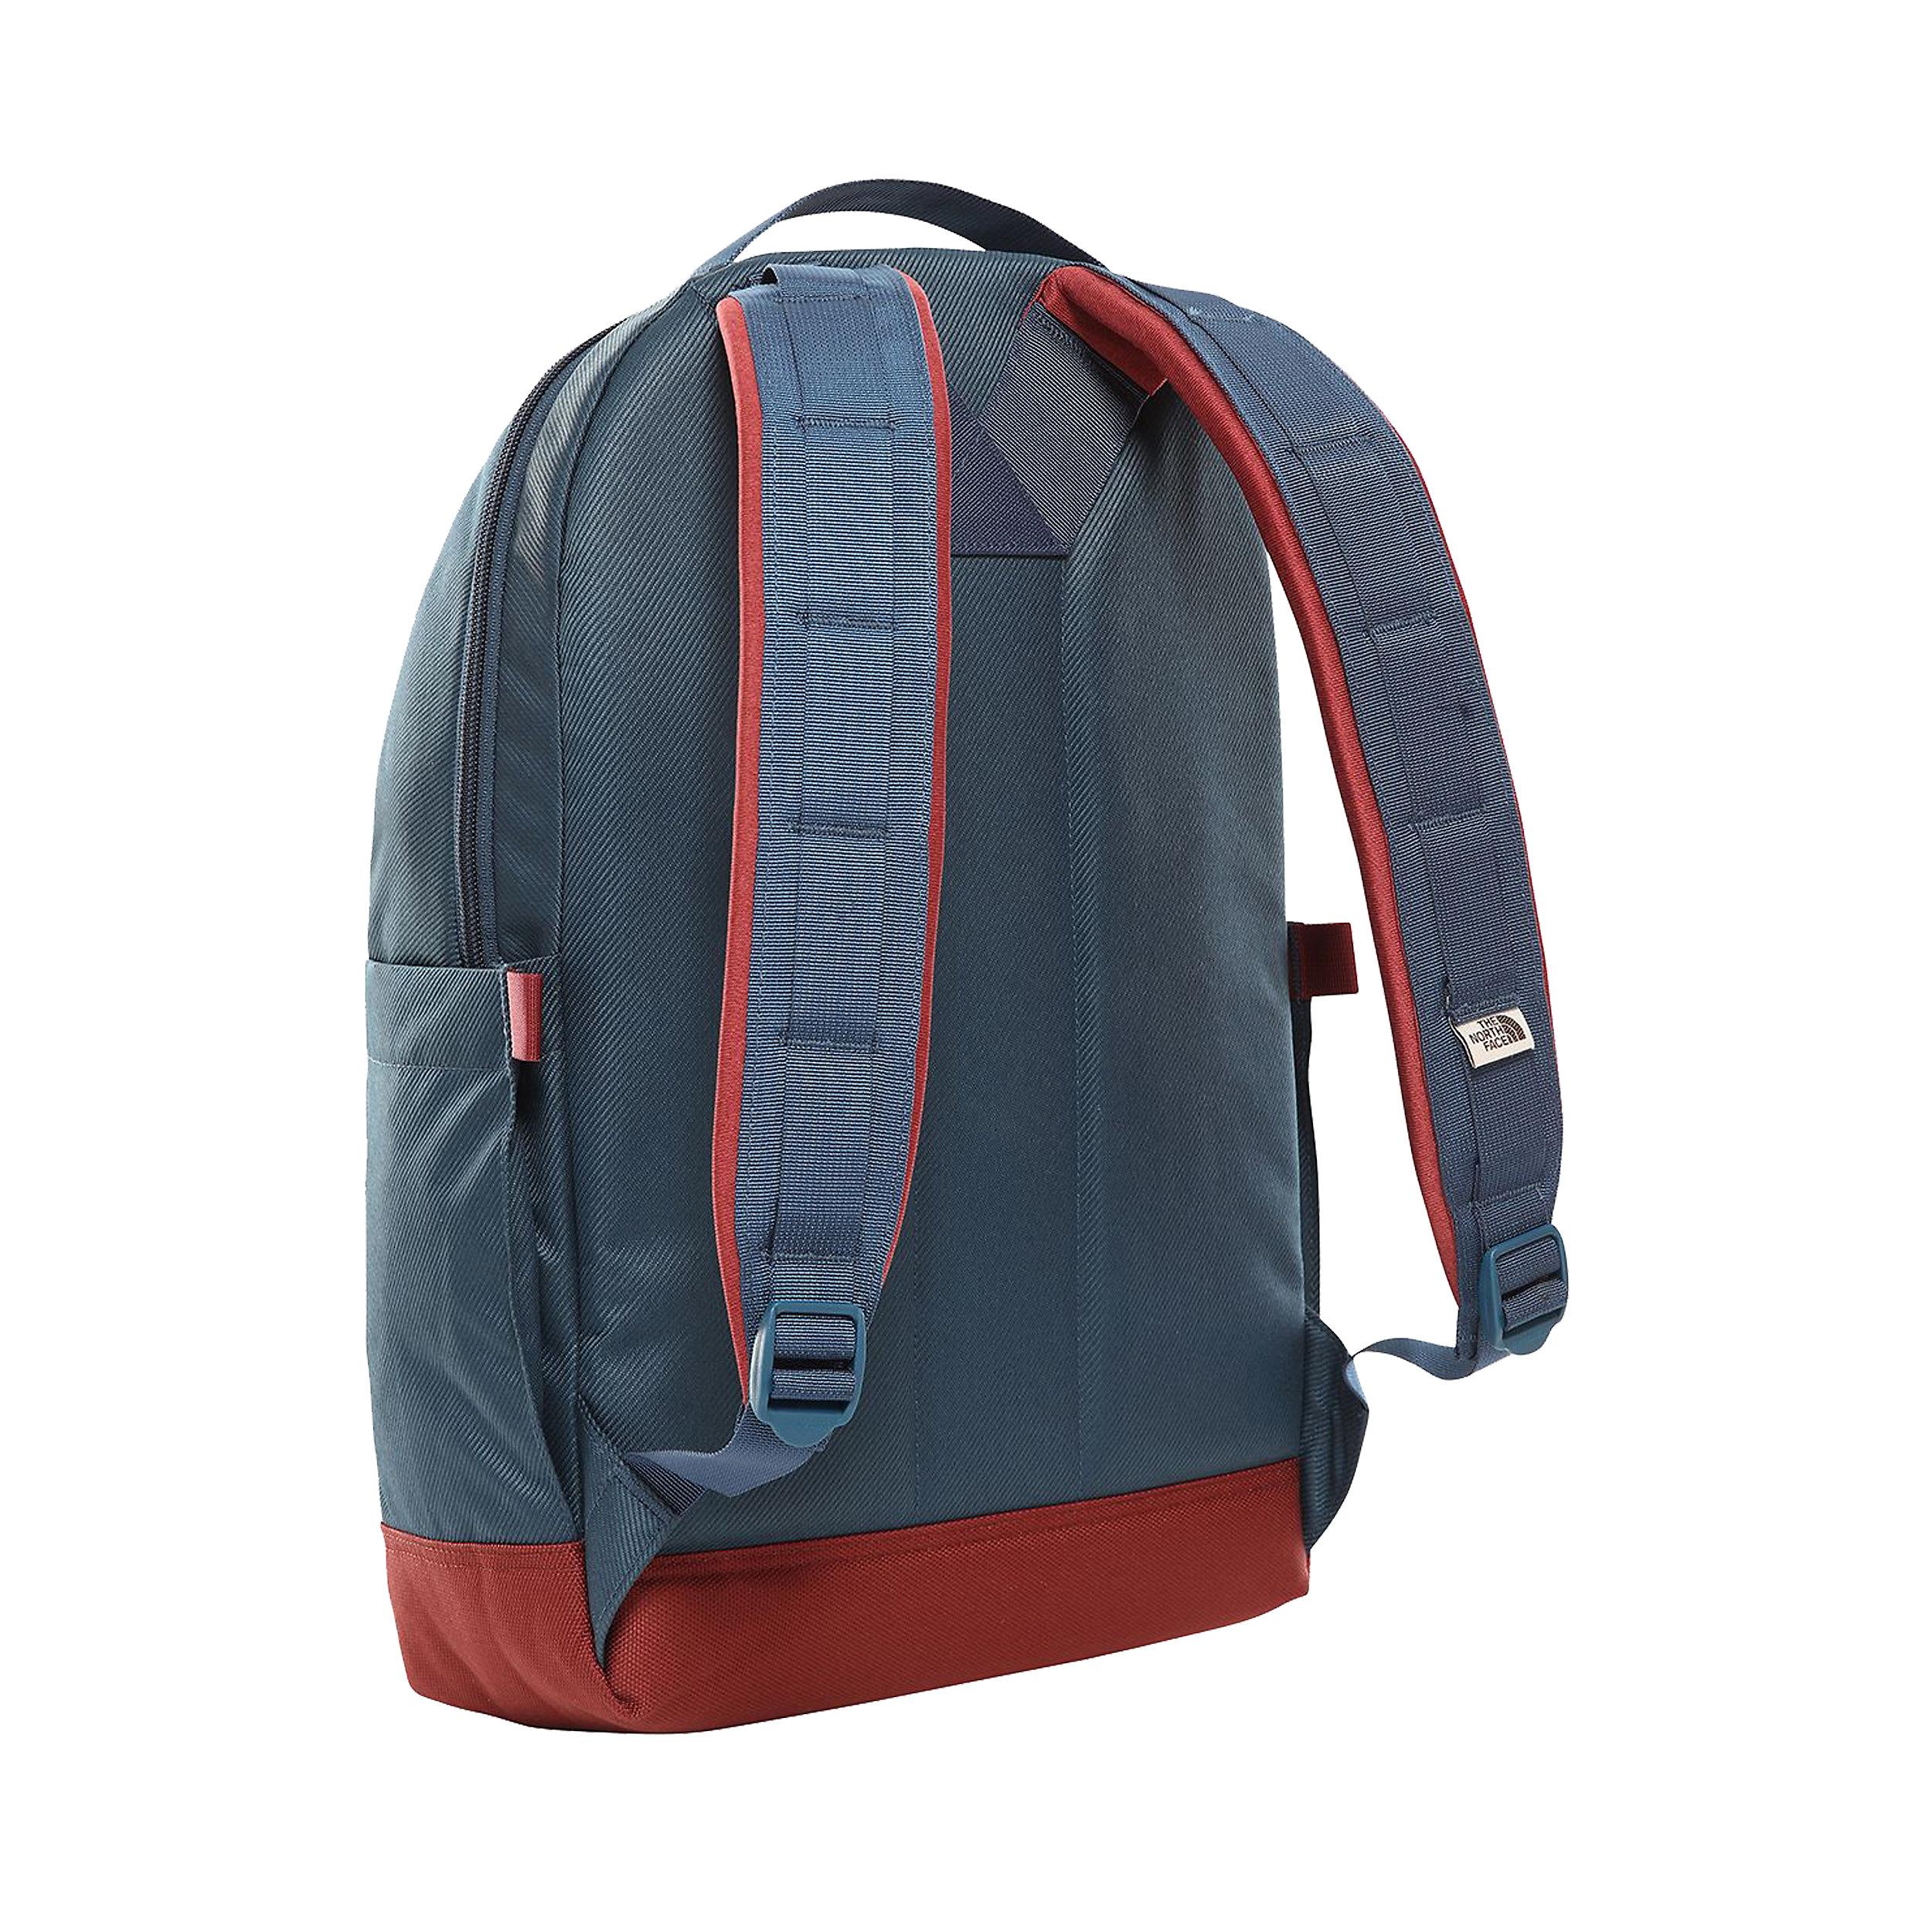 Backpack Daypack 17 inch 22 Liter